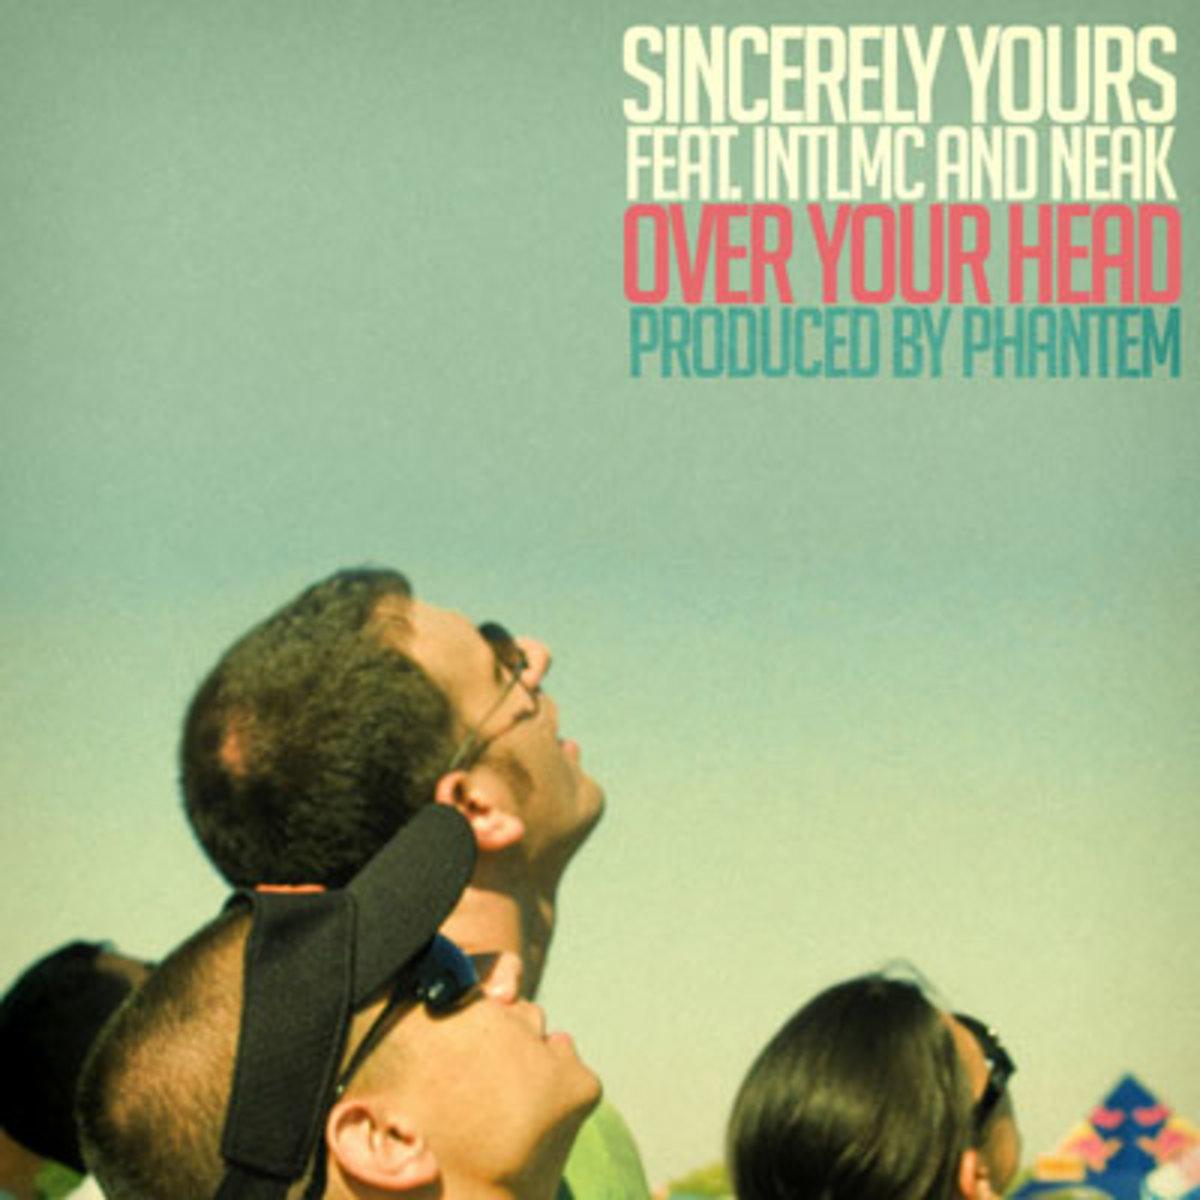 sincerelyyours-overyour.jpg